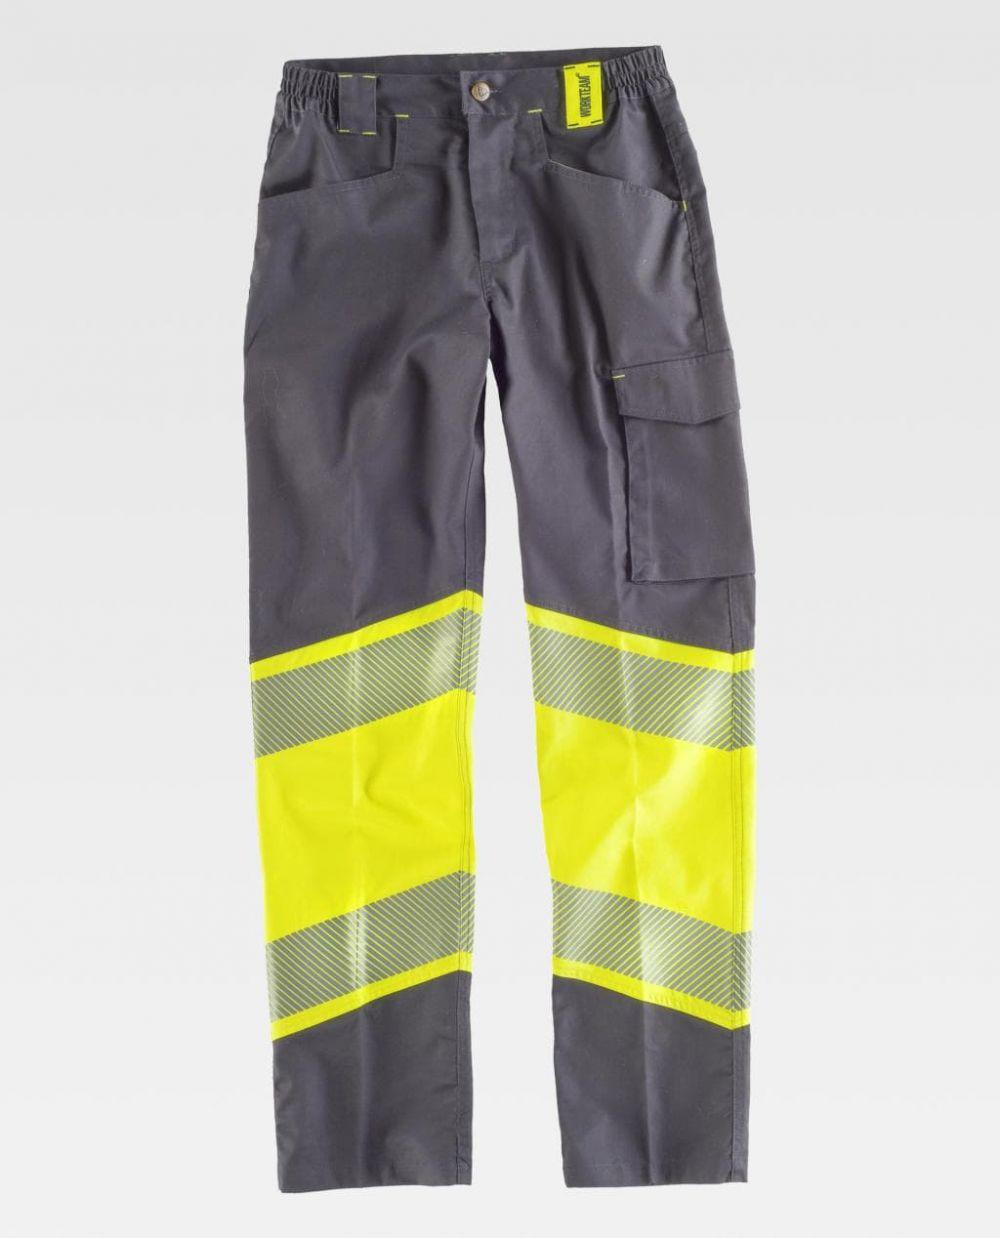 Pantalones reflectantes workteam tejido elastico bidireccional combinado de poliéster vista 1